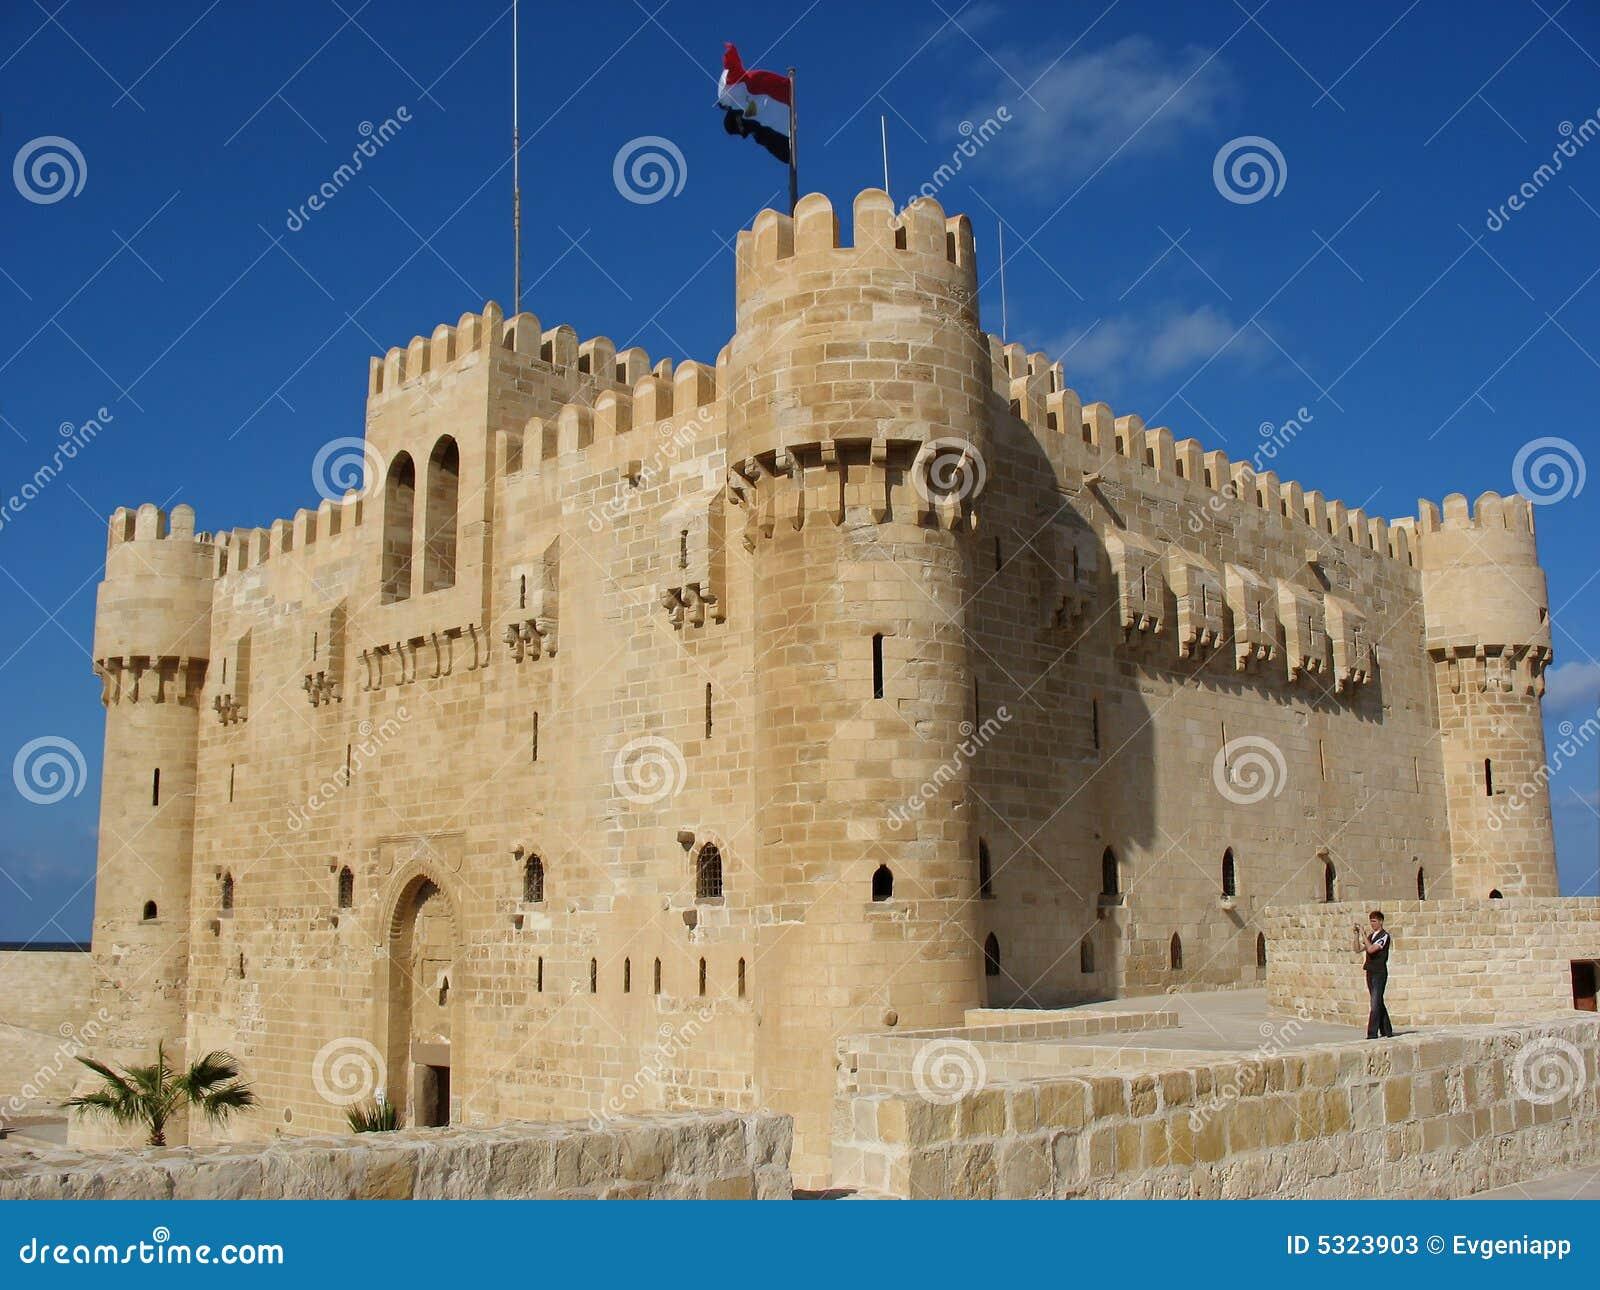 Download Fortezza a Alessandria immagine stock. Immagine di reale - 5323903